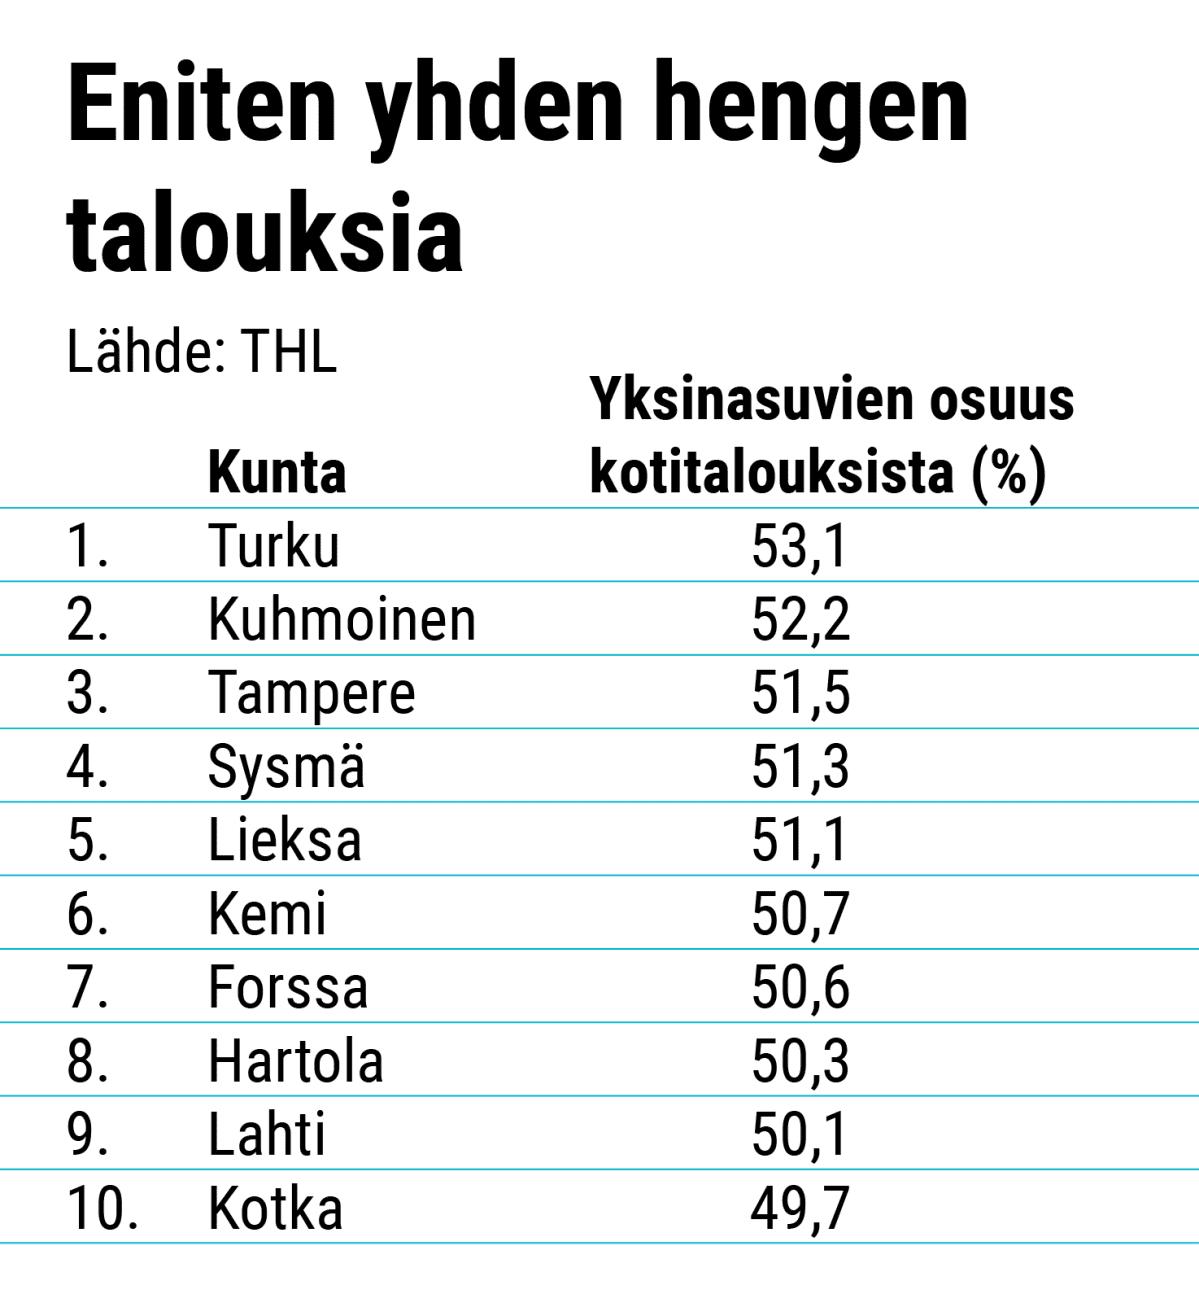 eesti naiset etsii seksiä karlskoga ruotsalaiset naiset etsii seksiseuraa finland